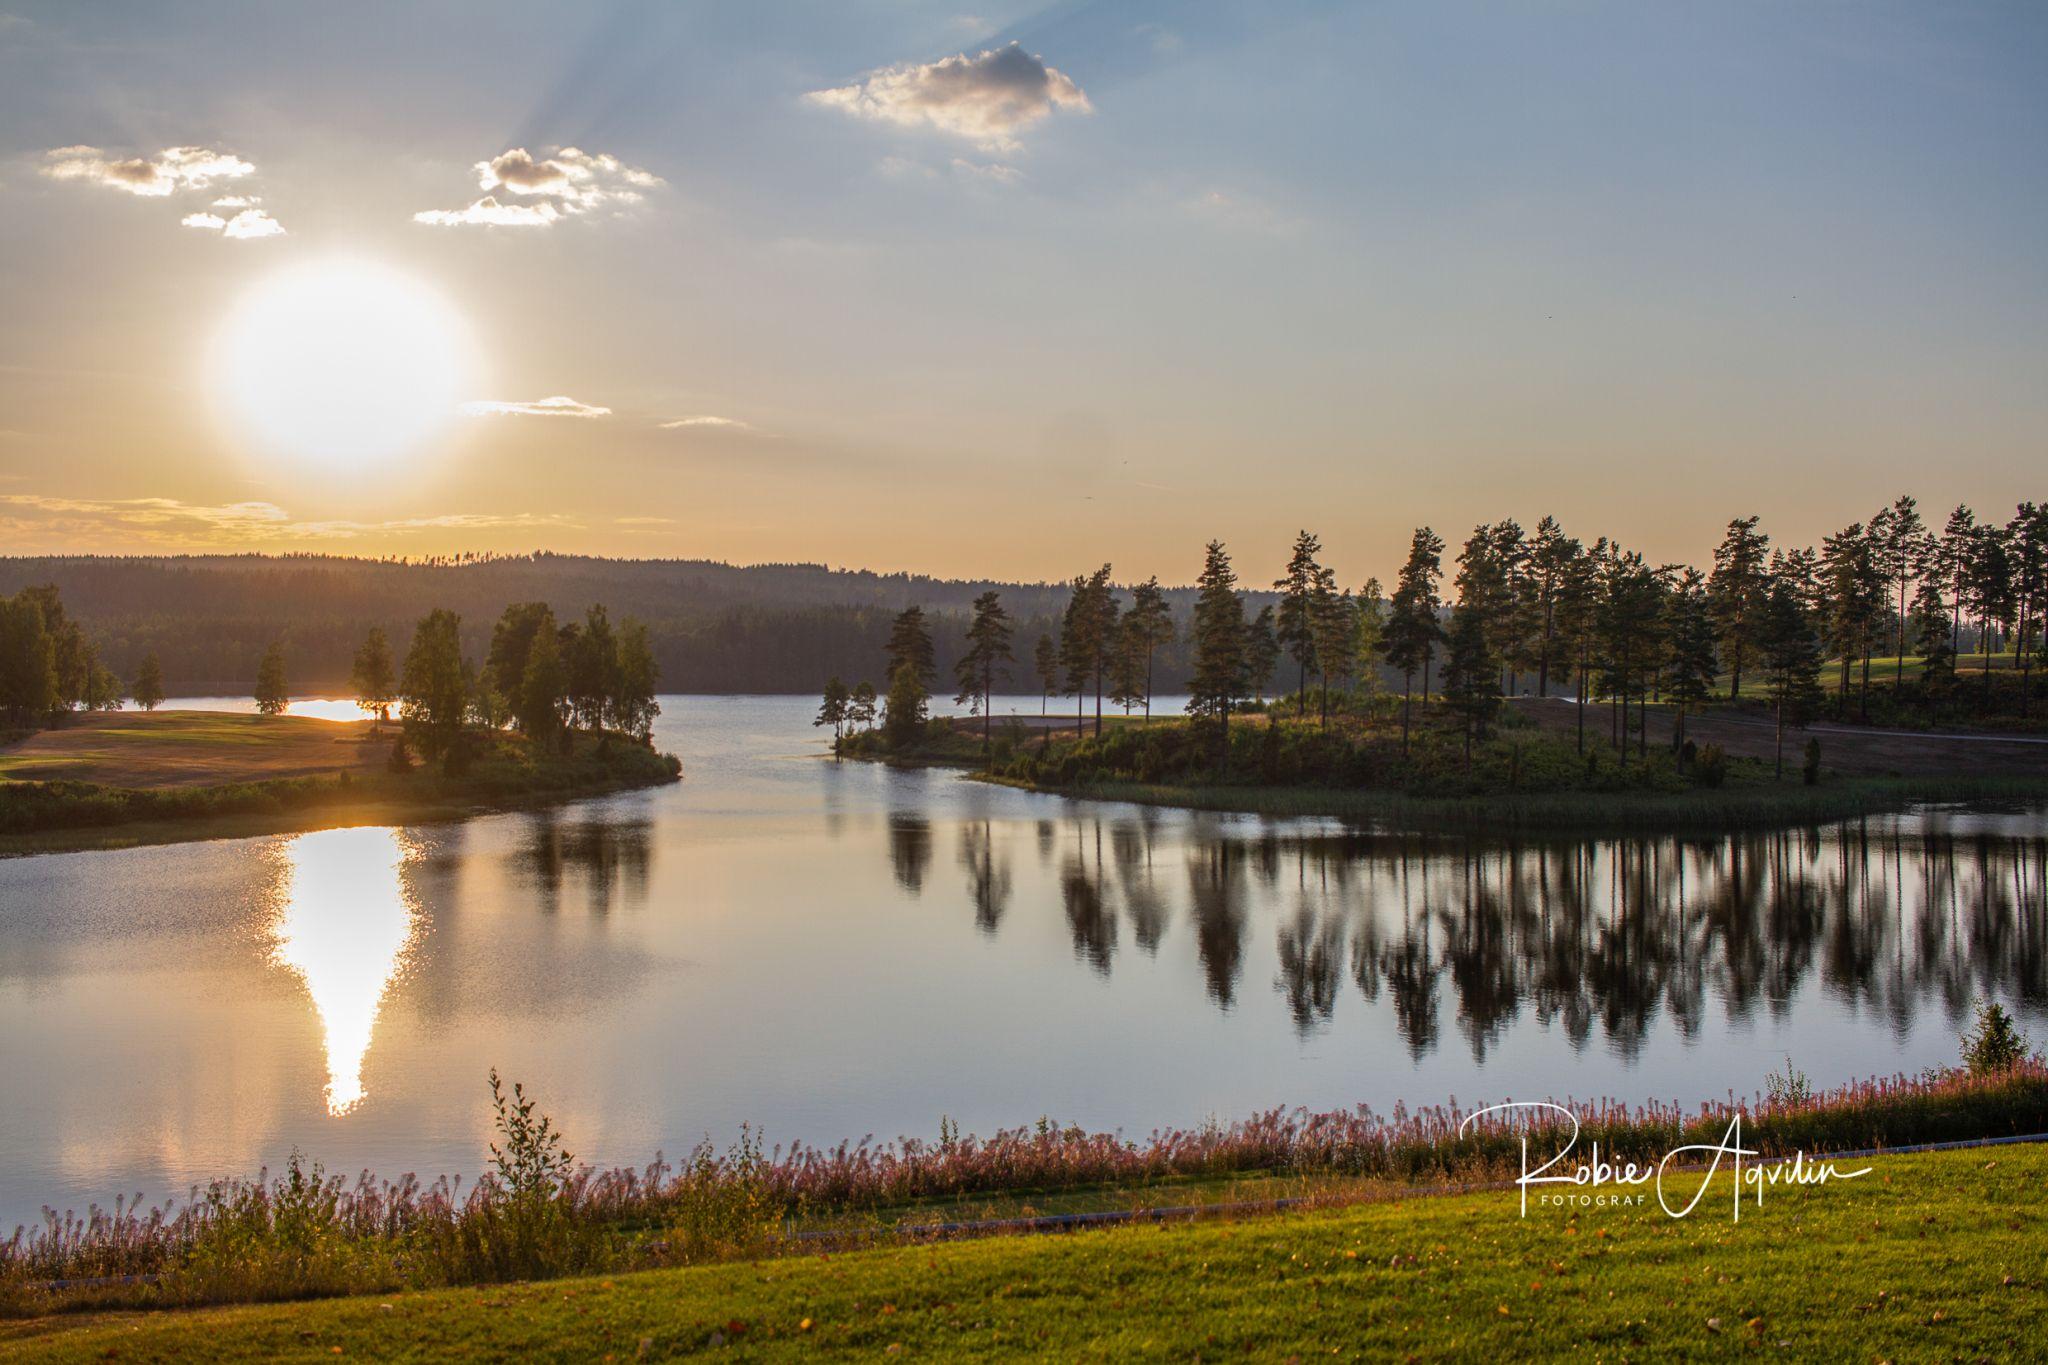 Isaberg golf club, Sweden